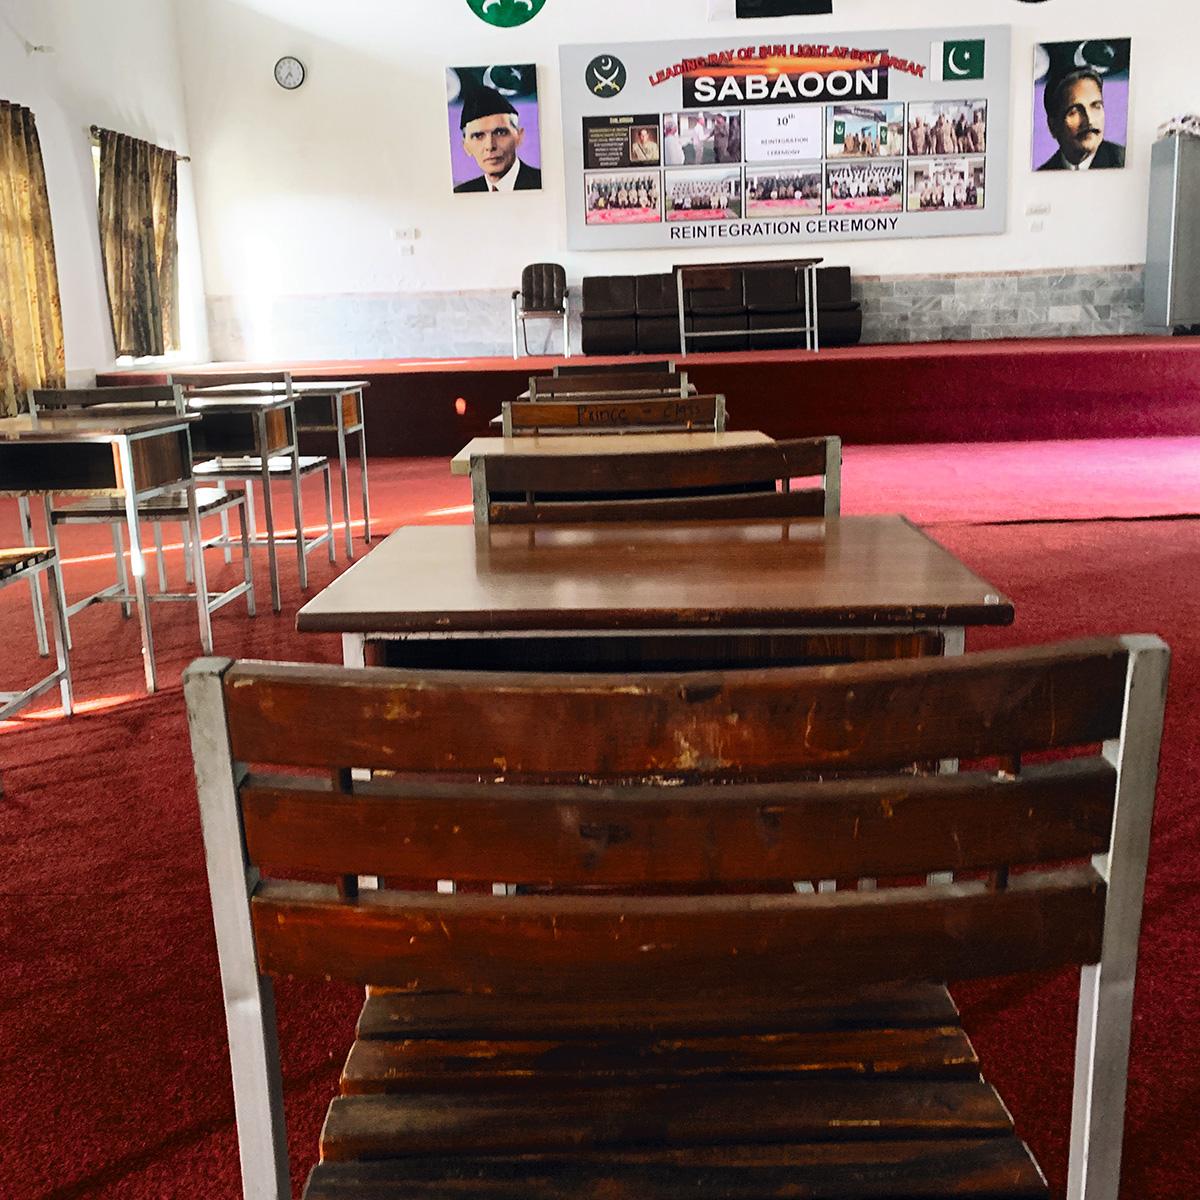 Sala de aula de Sabaoon: no centro de desradicalização no Paquistão, os jovens traumatizados com a lavagem cerebral que lhes impusera o Talibã pareciam estar em outro tempo e espaço